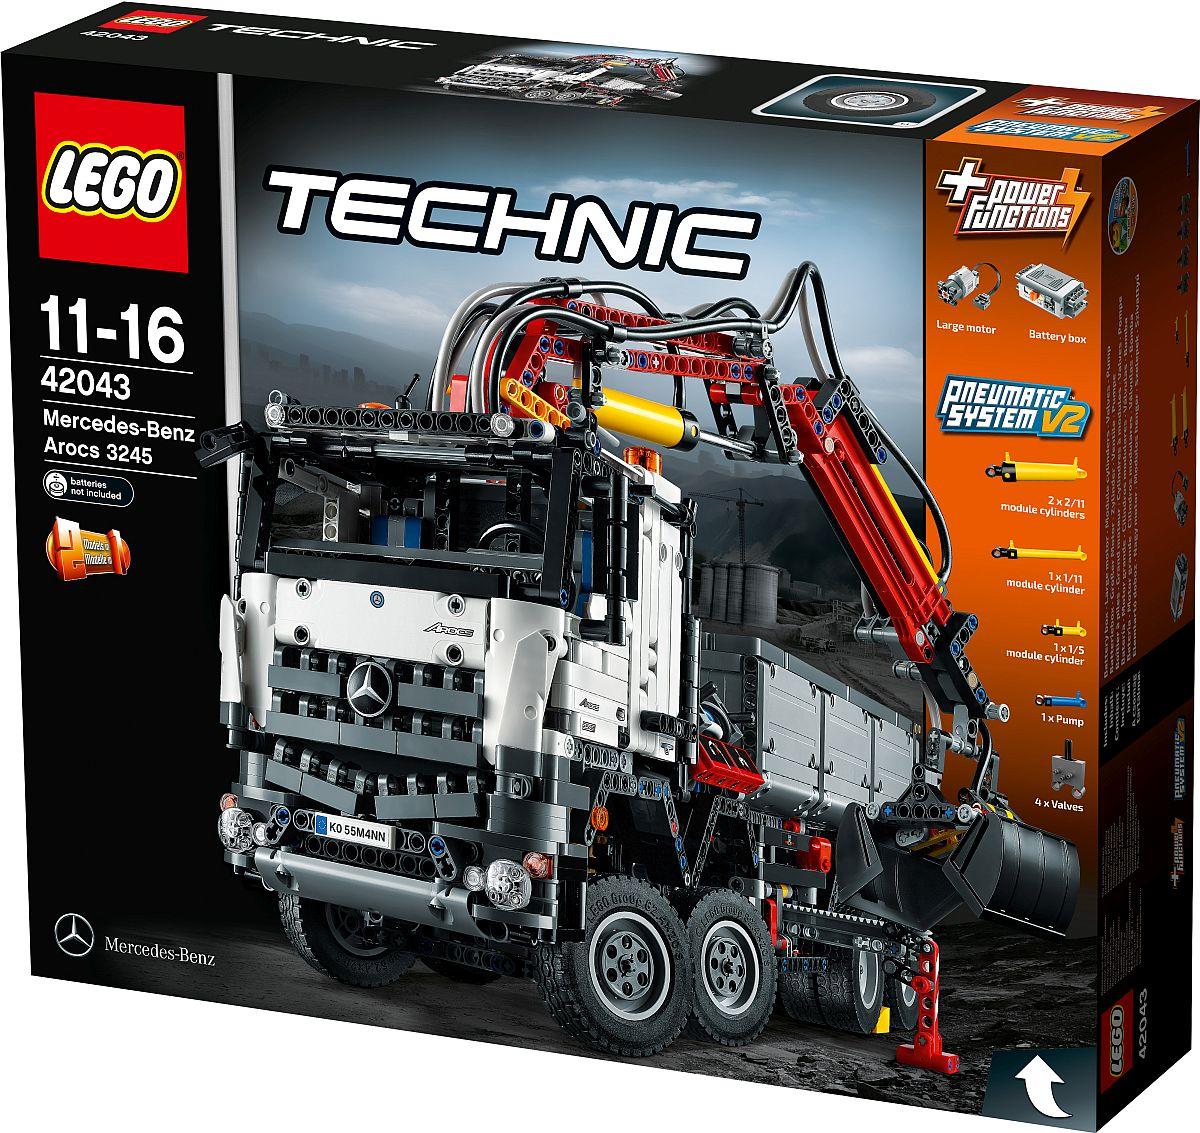 neuer truck von lego technic der mercedes benz arocs 3245. Black Bedroom Furniture Sets. Home Design Ideas